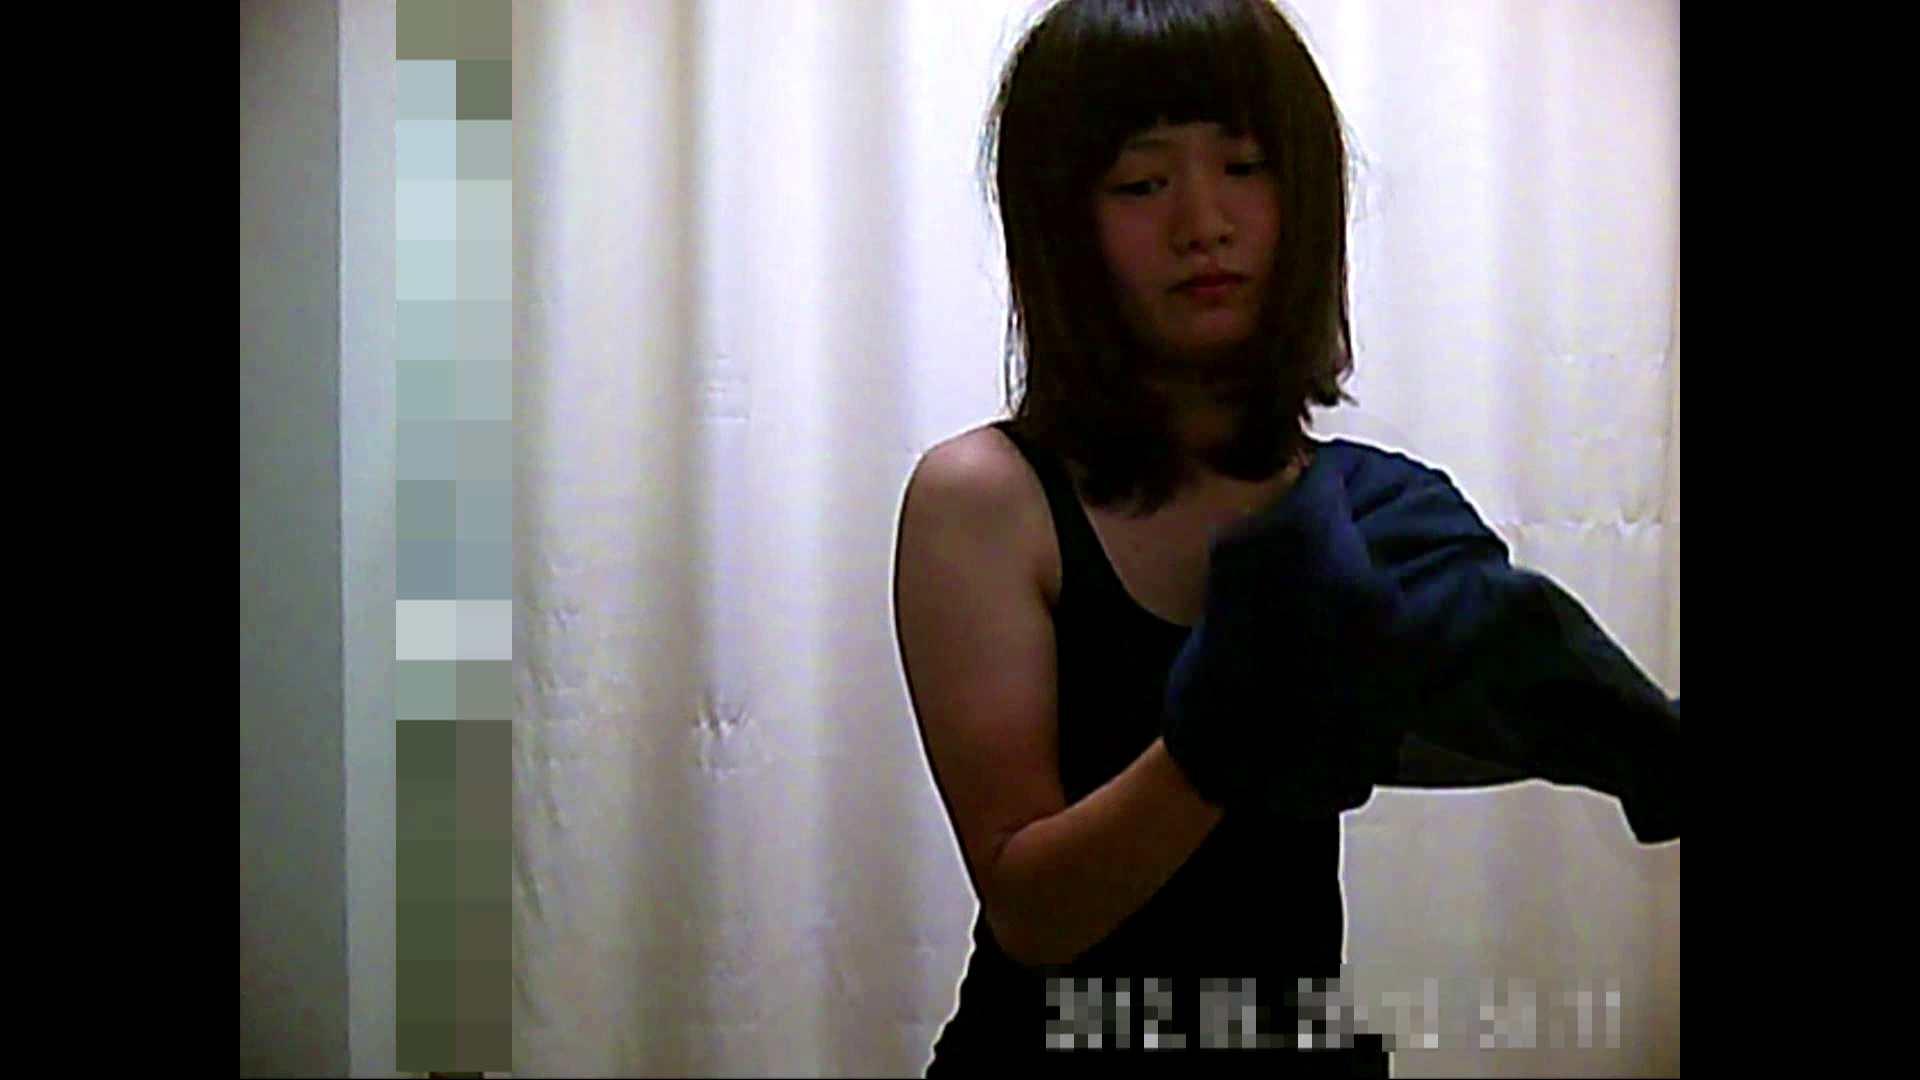 元医者による反抗 更衣室地獄絵巻 vol.072 OLハメ撮り  68Pix 41